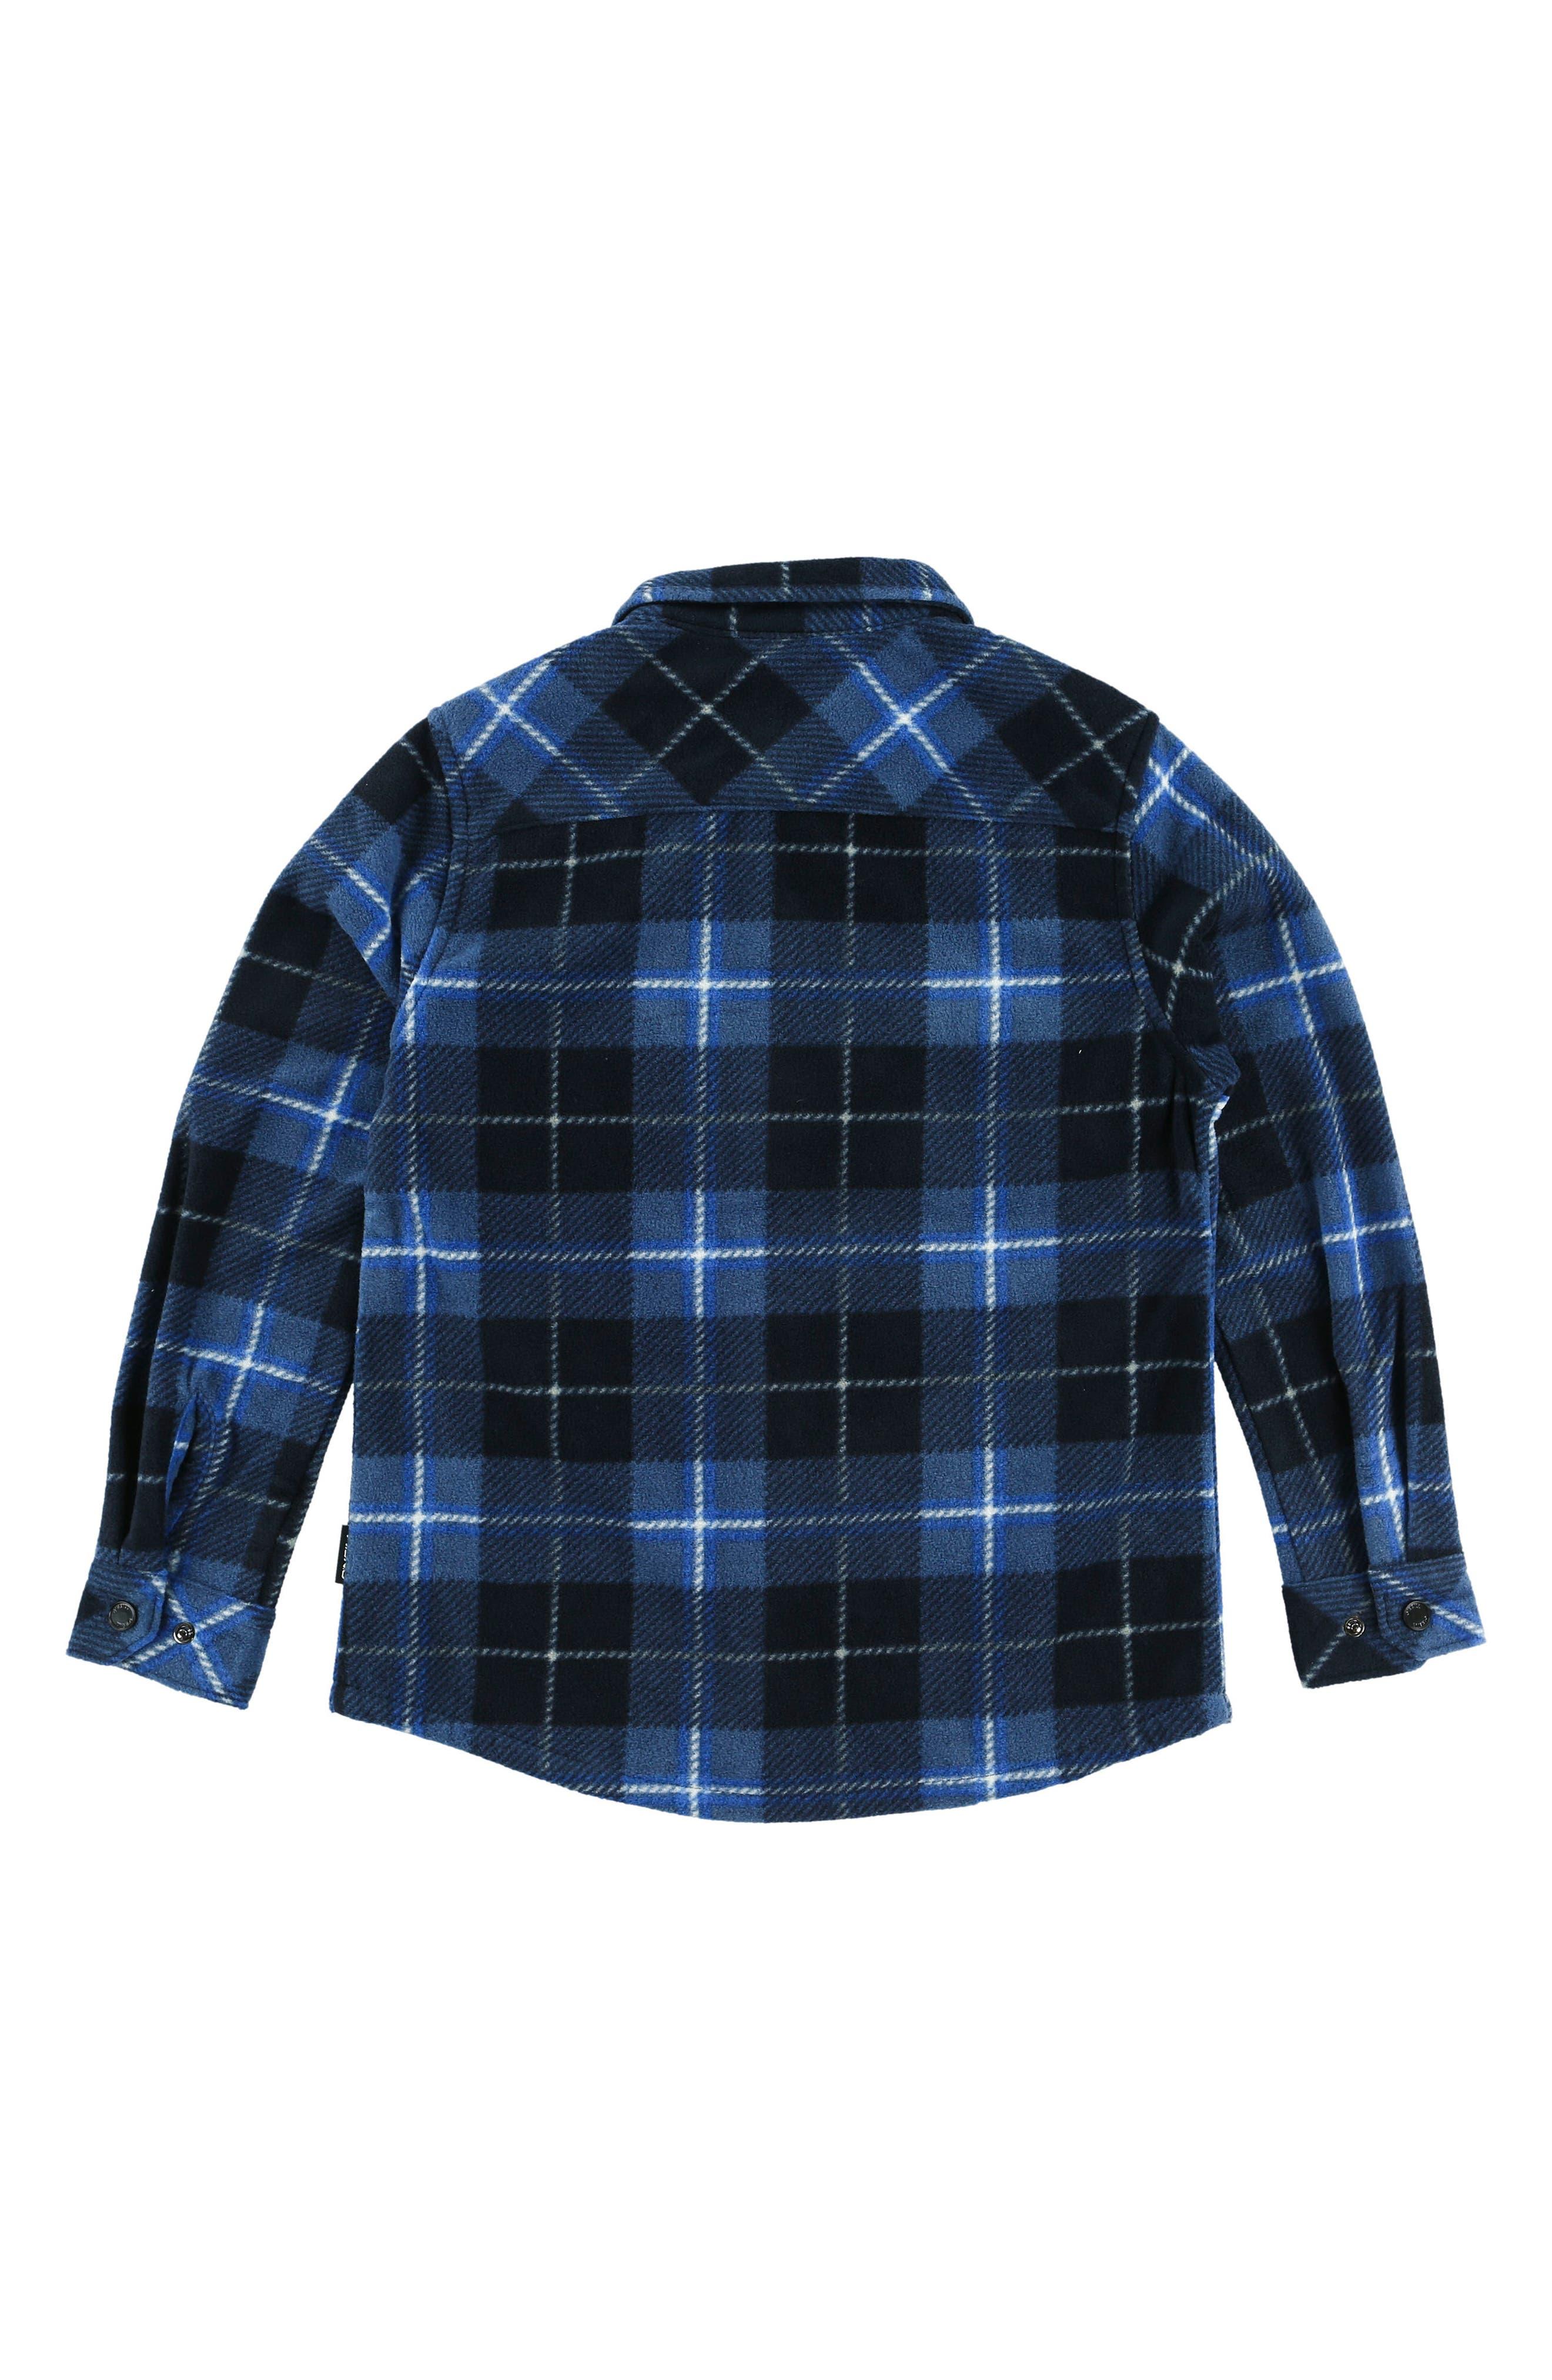 Glacier Plaid Shirt,                             Alternate thumbnail 2, color,                             Ocean